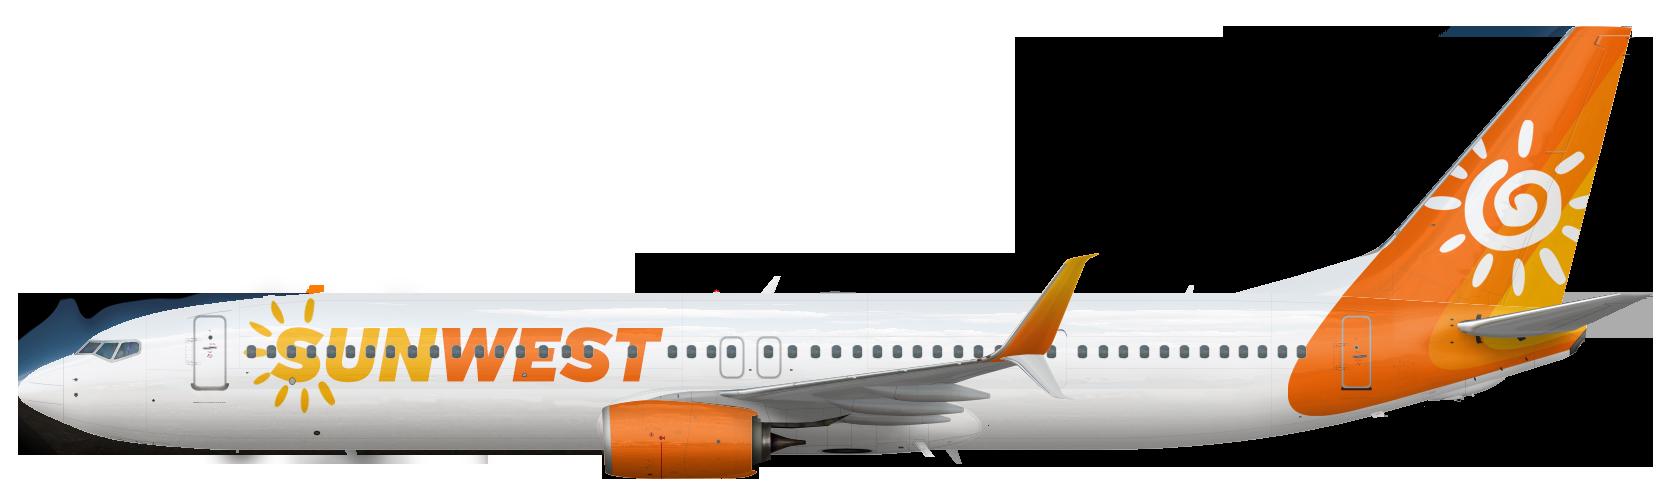 Boeing 737-900ER SSW